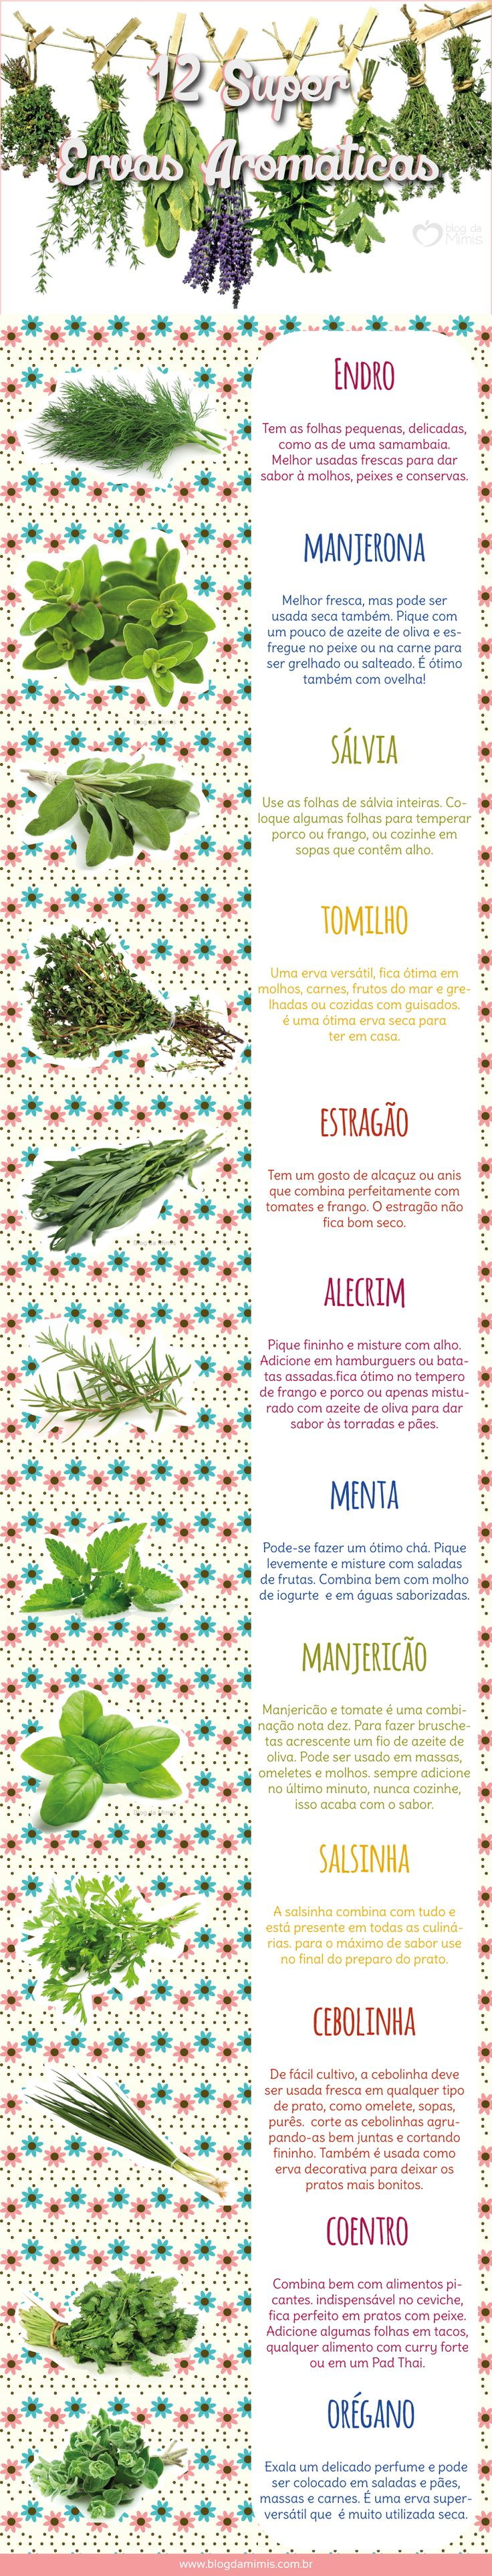 12 Super Ervas Aromáticas - Blog da Mimis - O segredo da boa comida é o tempero! Que delícia!